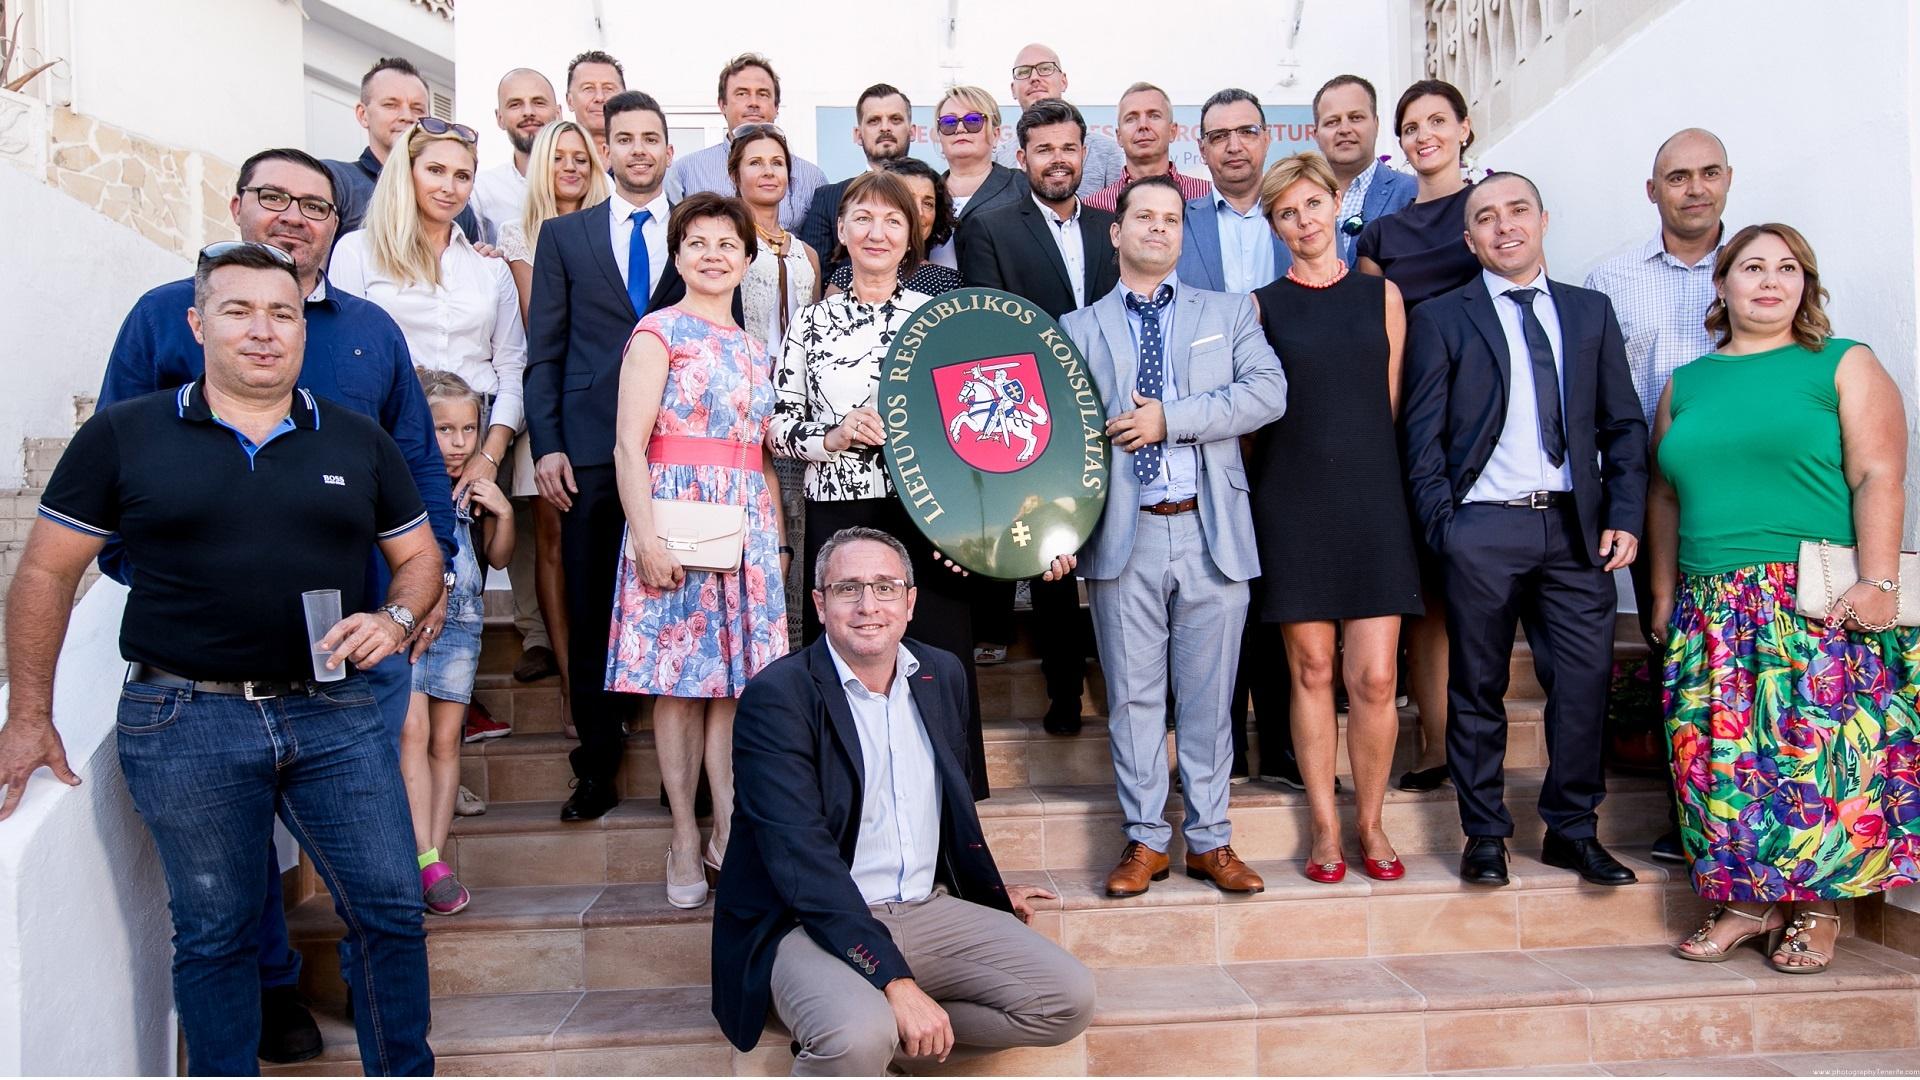 Tenerifėje atidarytas Lietuvos garbės konsulatas (5)